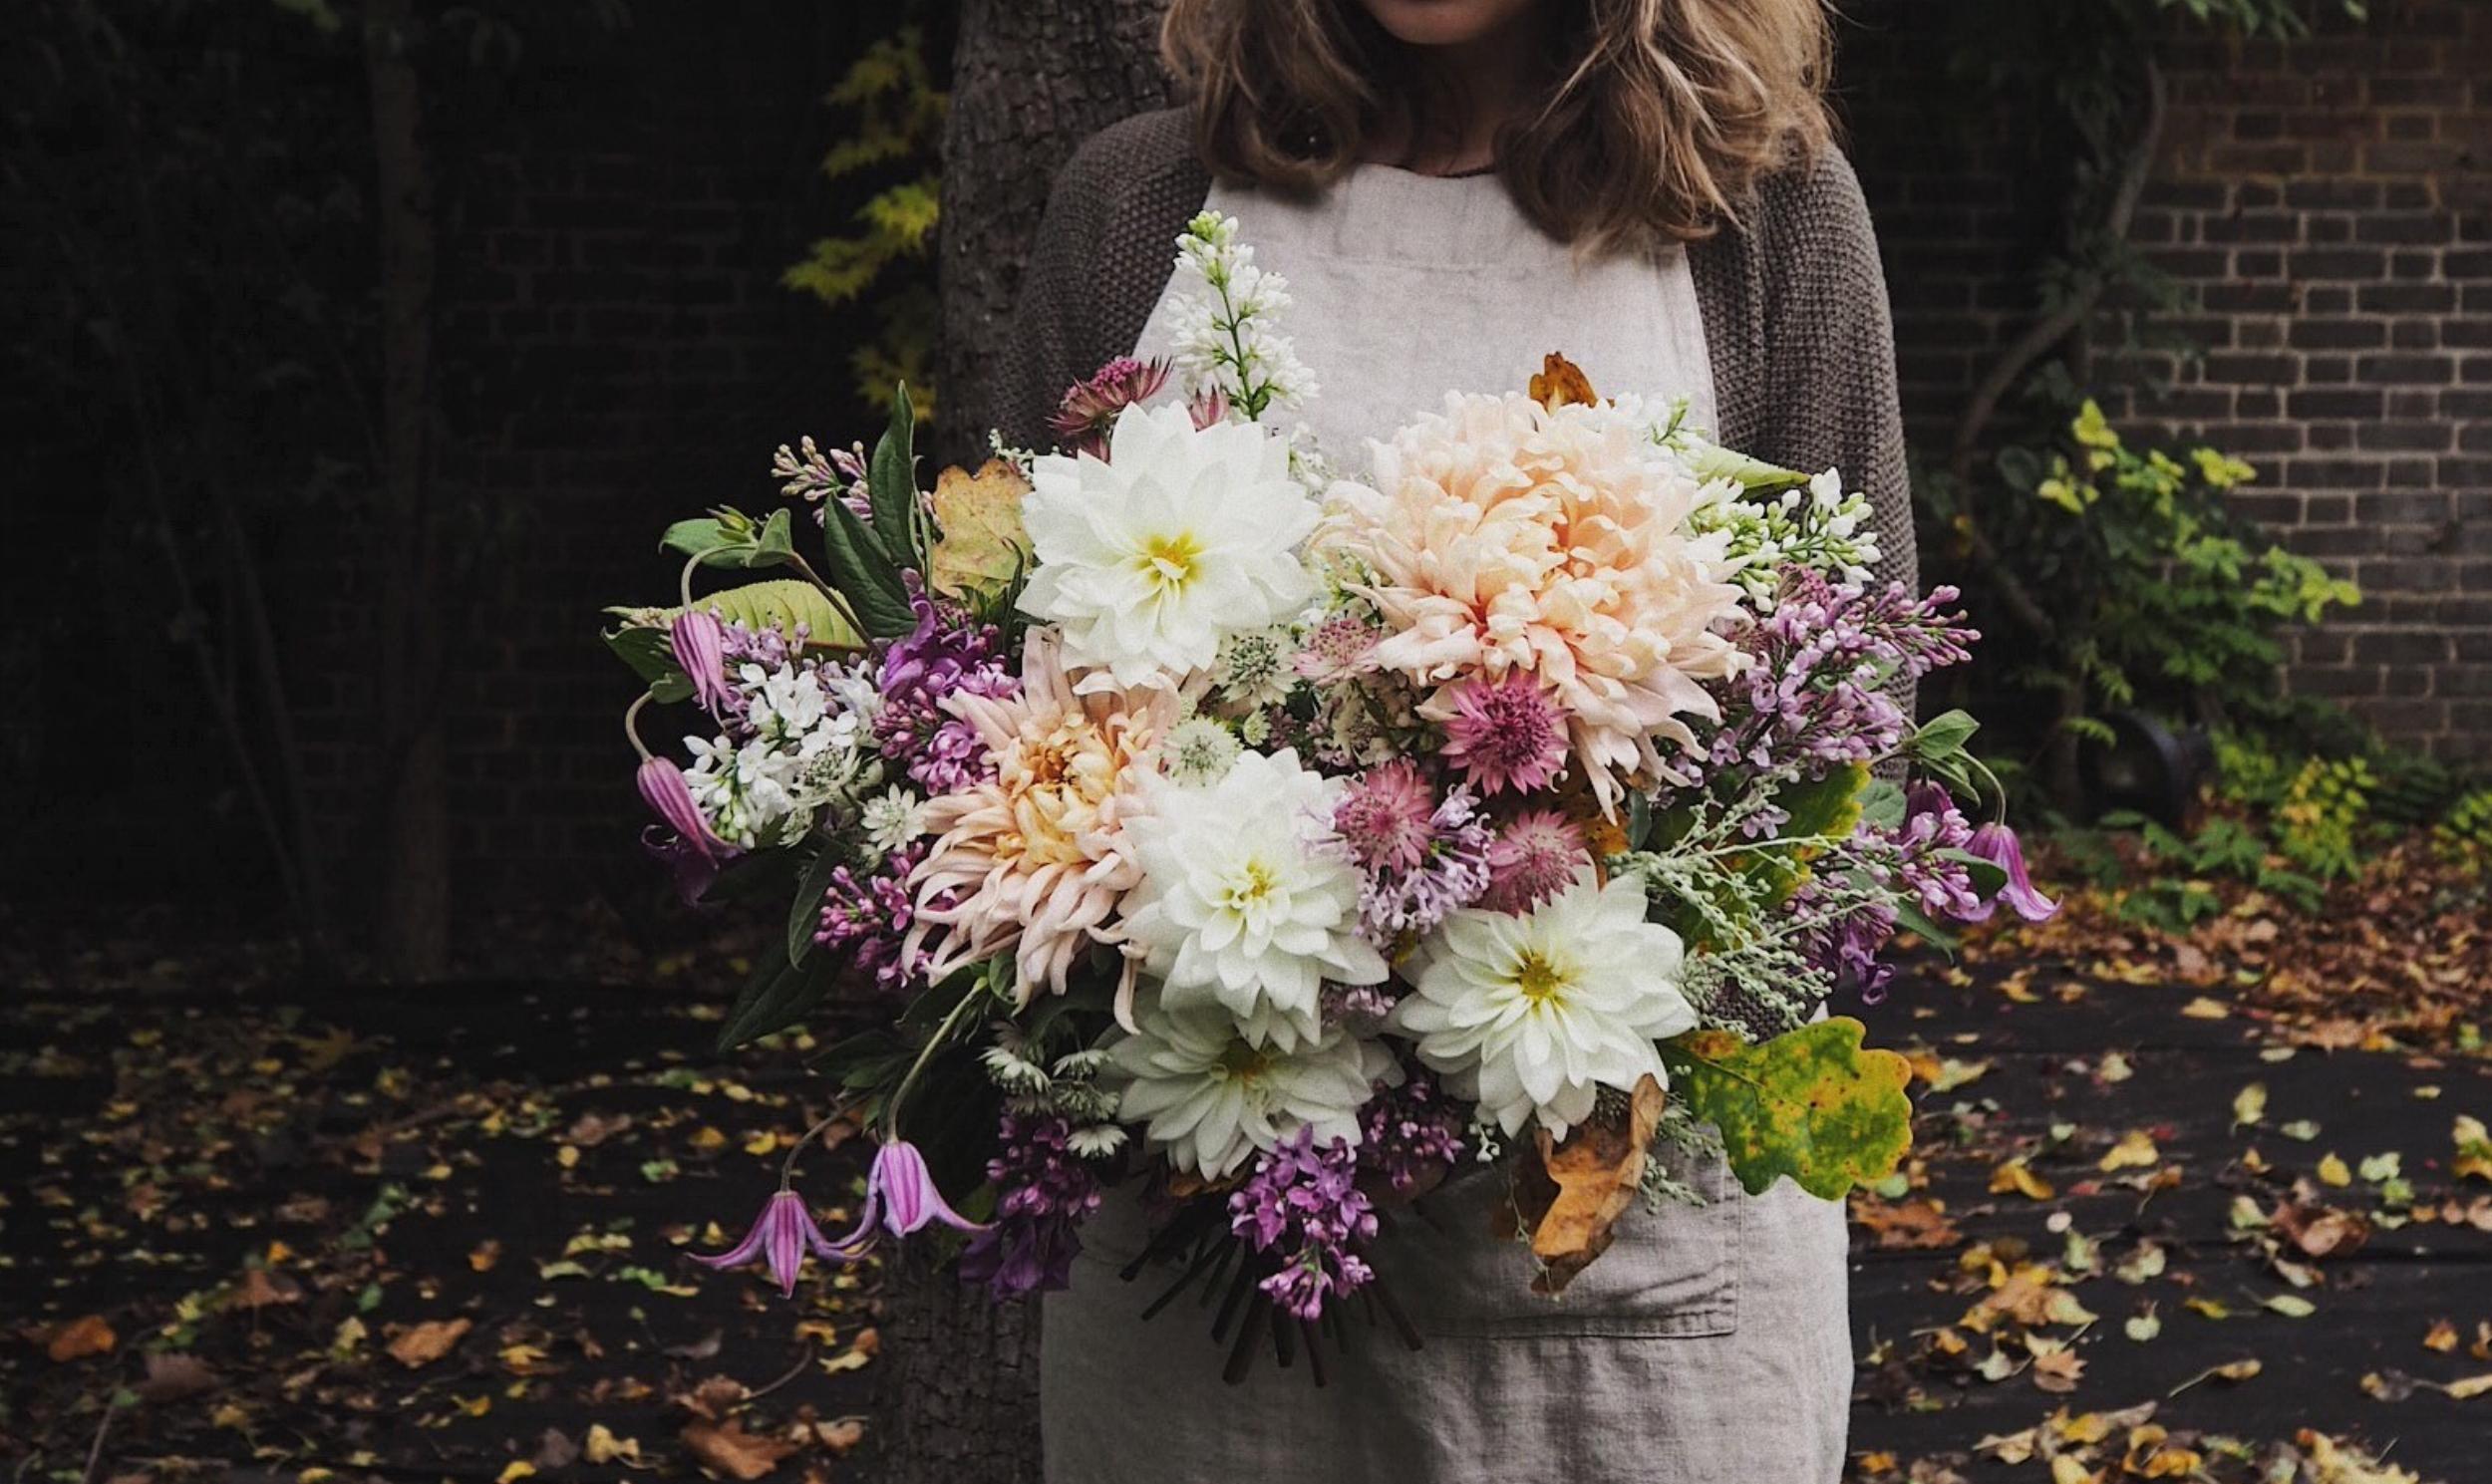 weddings-alright-petal-flowers-5.jpg